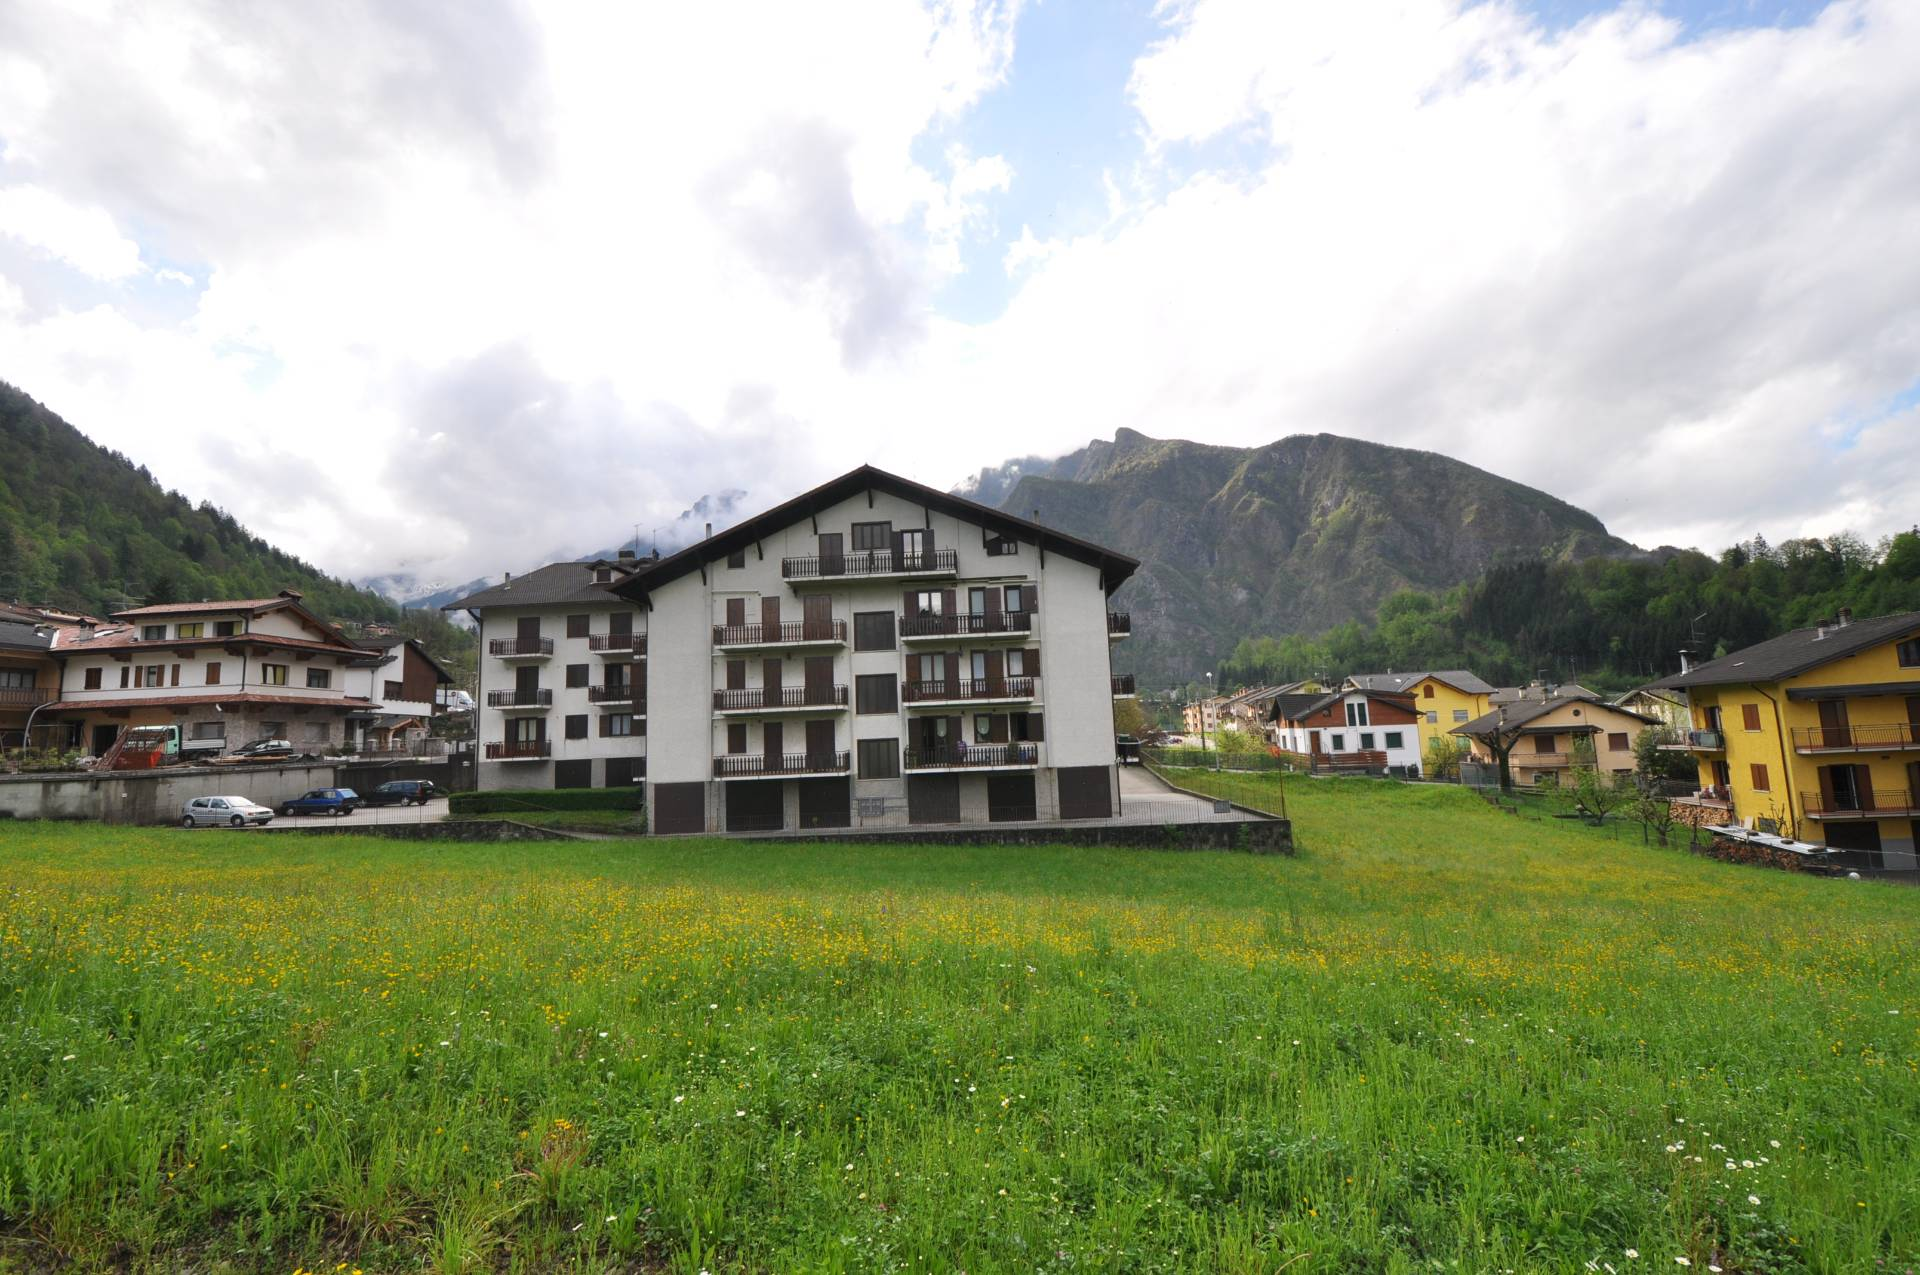 Appartamento in vendita a Piazza Brembana, 3 locali, prezzo € 79.900 | CambioCasa.it